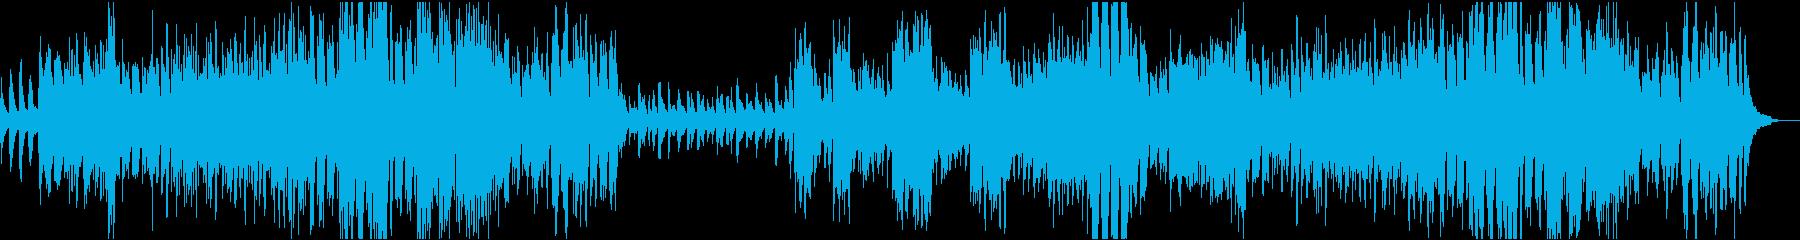 チャイコフスキー四季より9月狩りの歌の再生済みの波形